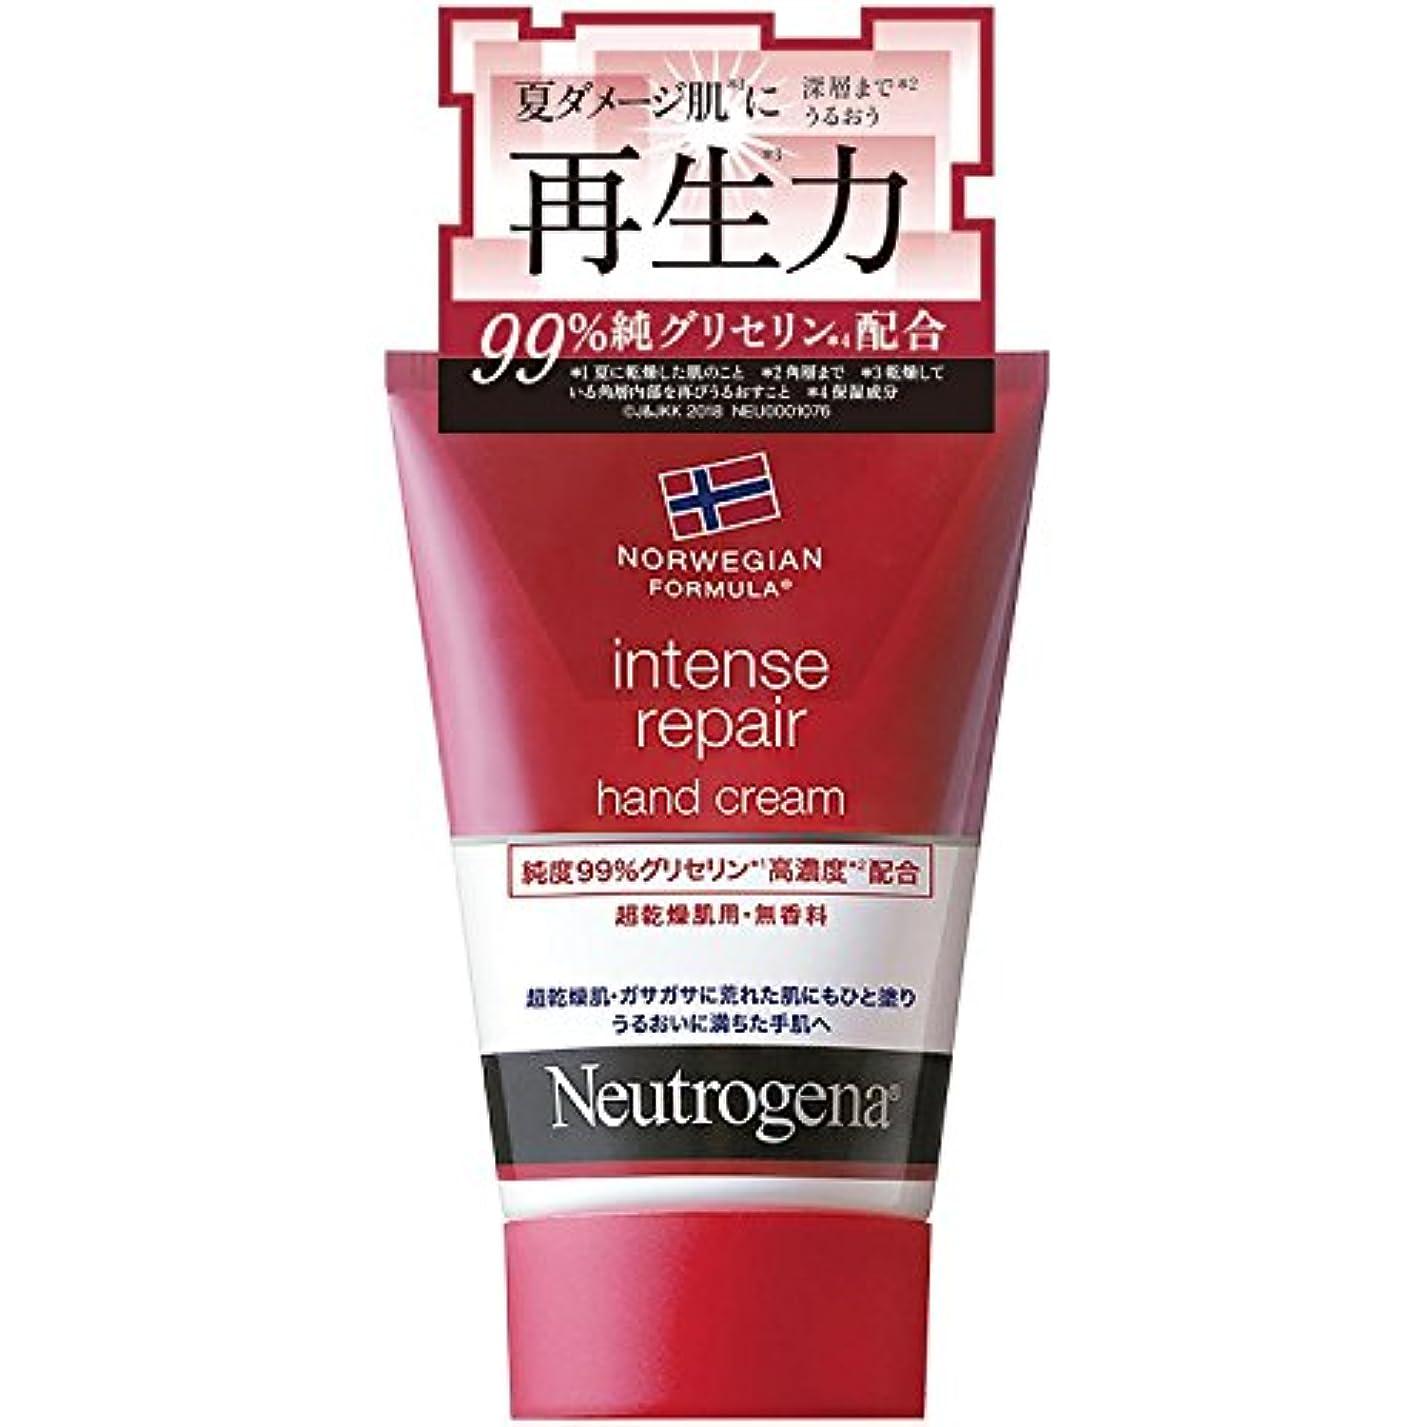 カイウス以上人物Neutrogena(ニュートロジーナ) ノルウェーフォーミュラ インテンスリペア ハンドクリーム 超乾燥肌用 無香料 50g